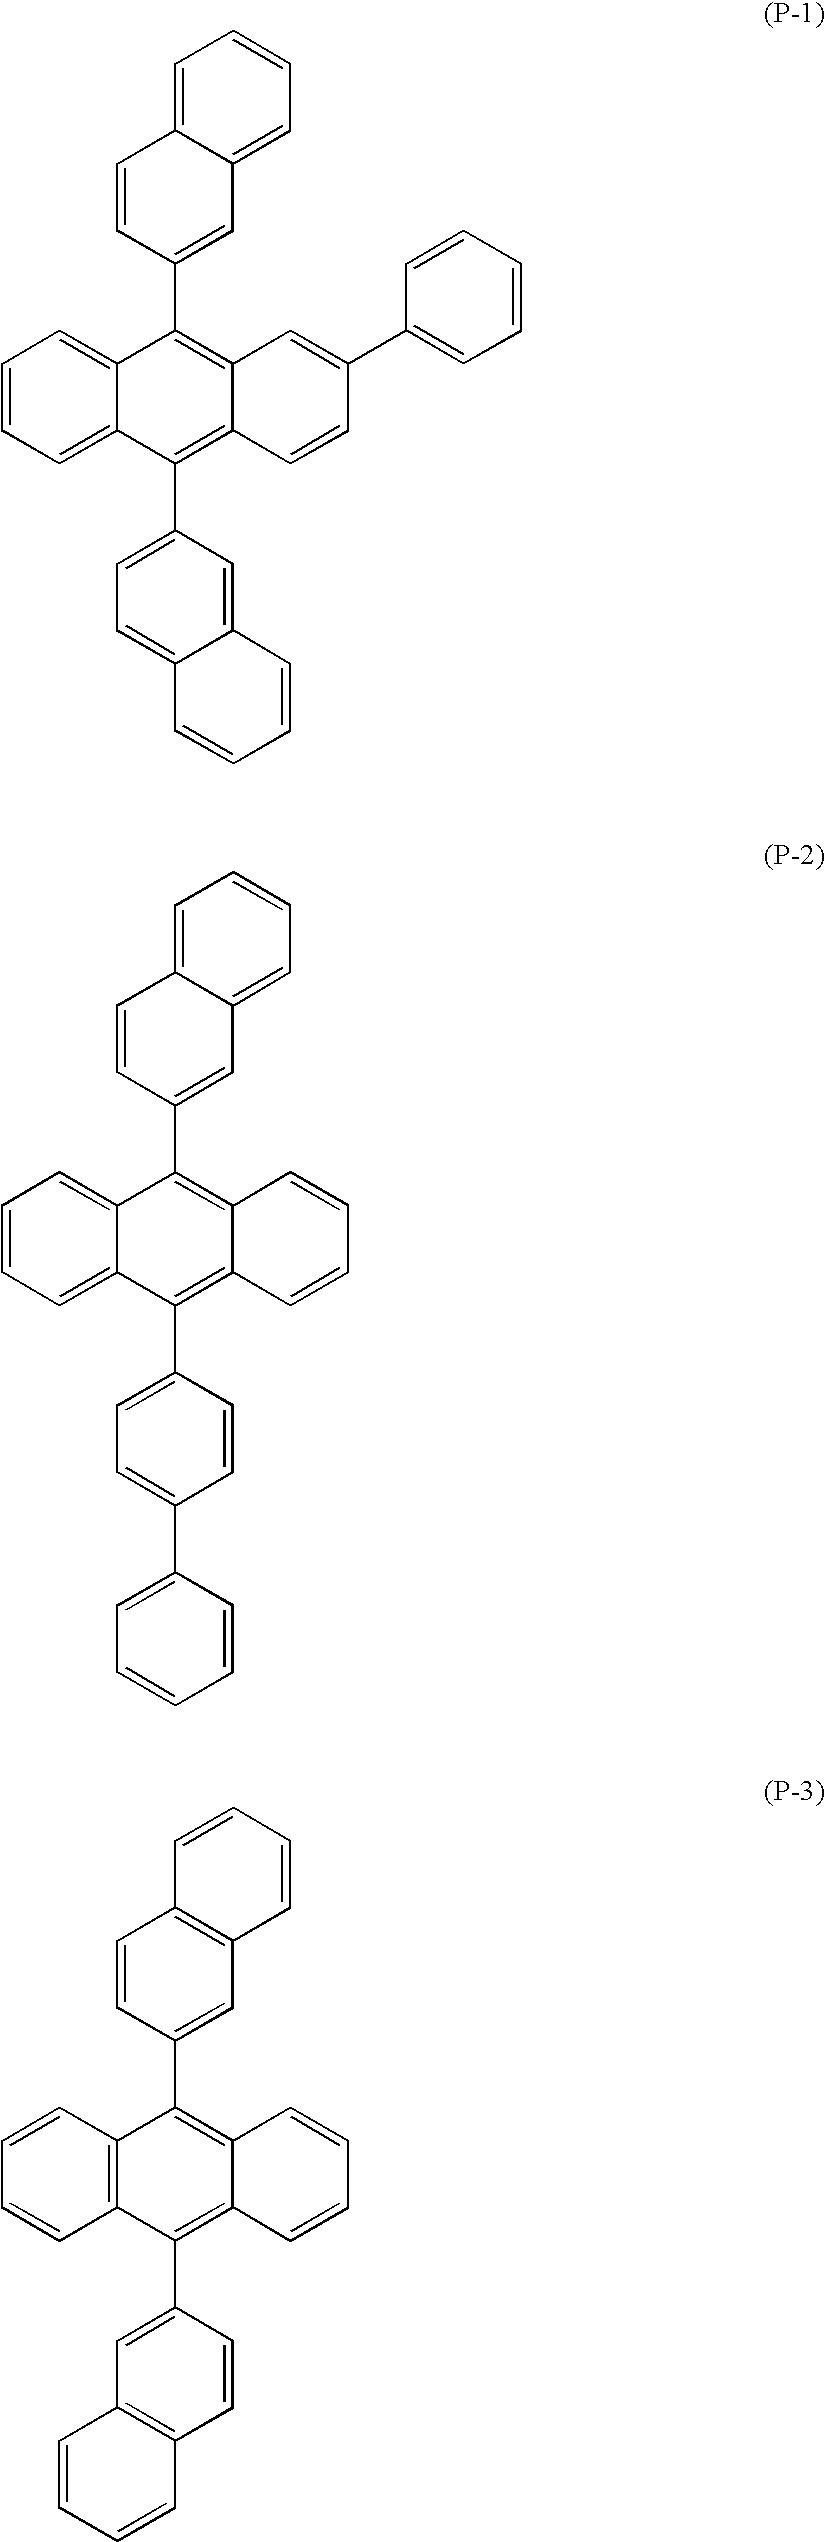 Figure US20090110957A1-20090430-C00062